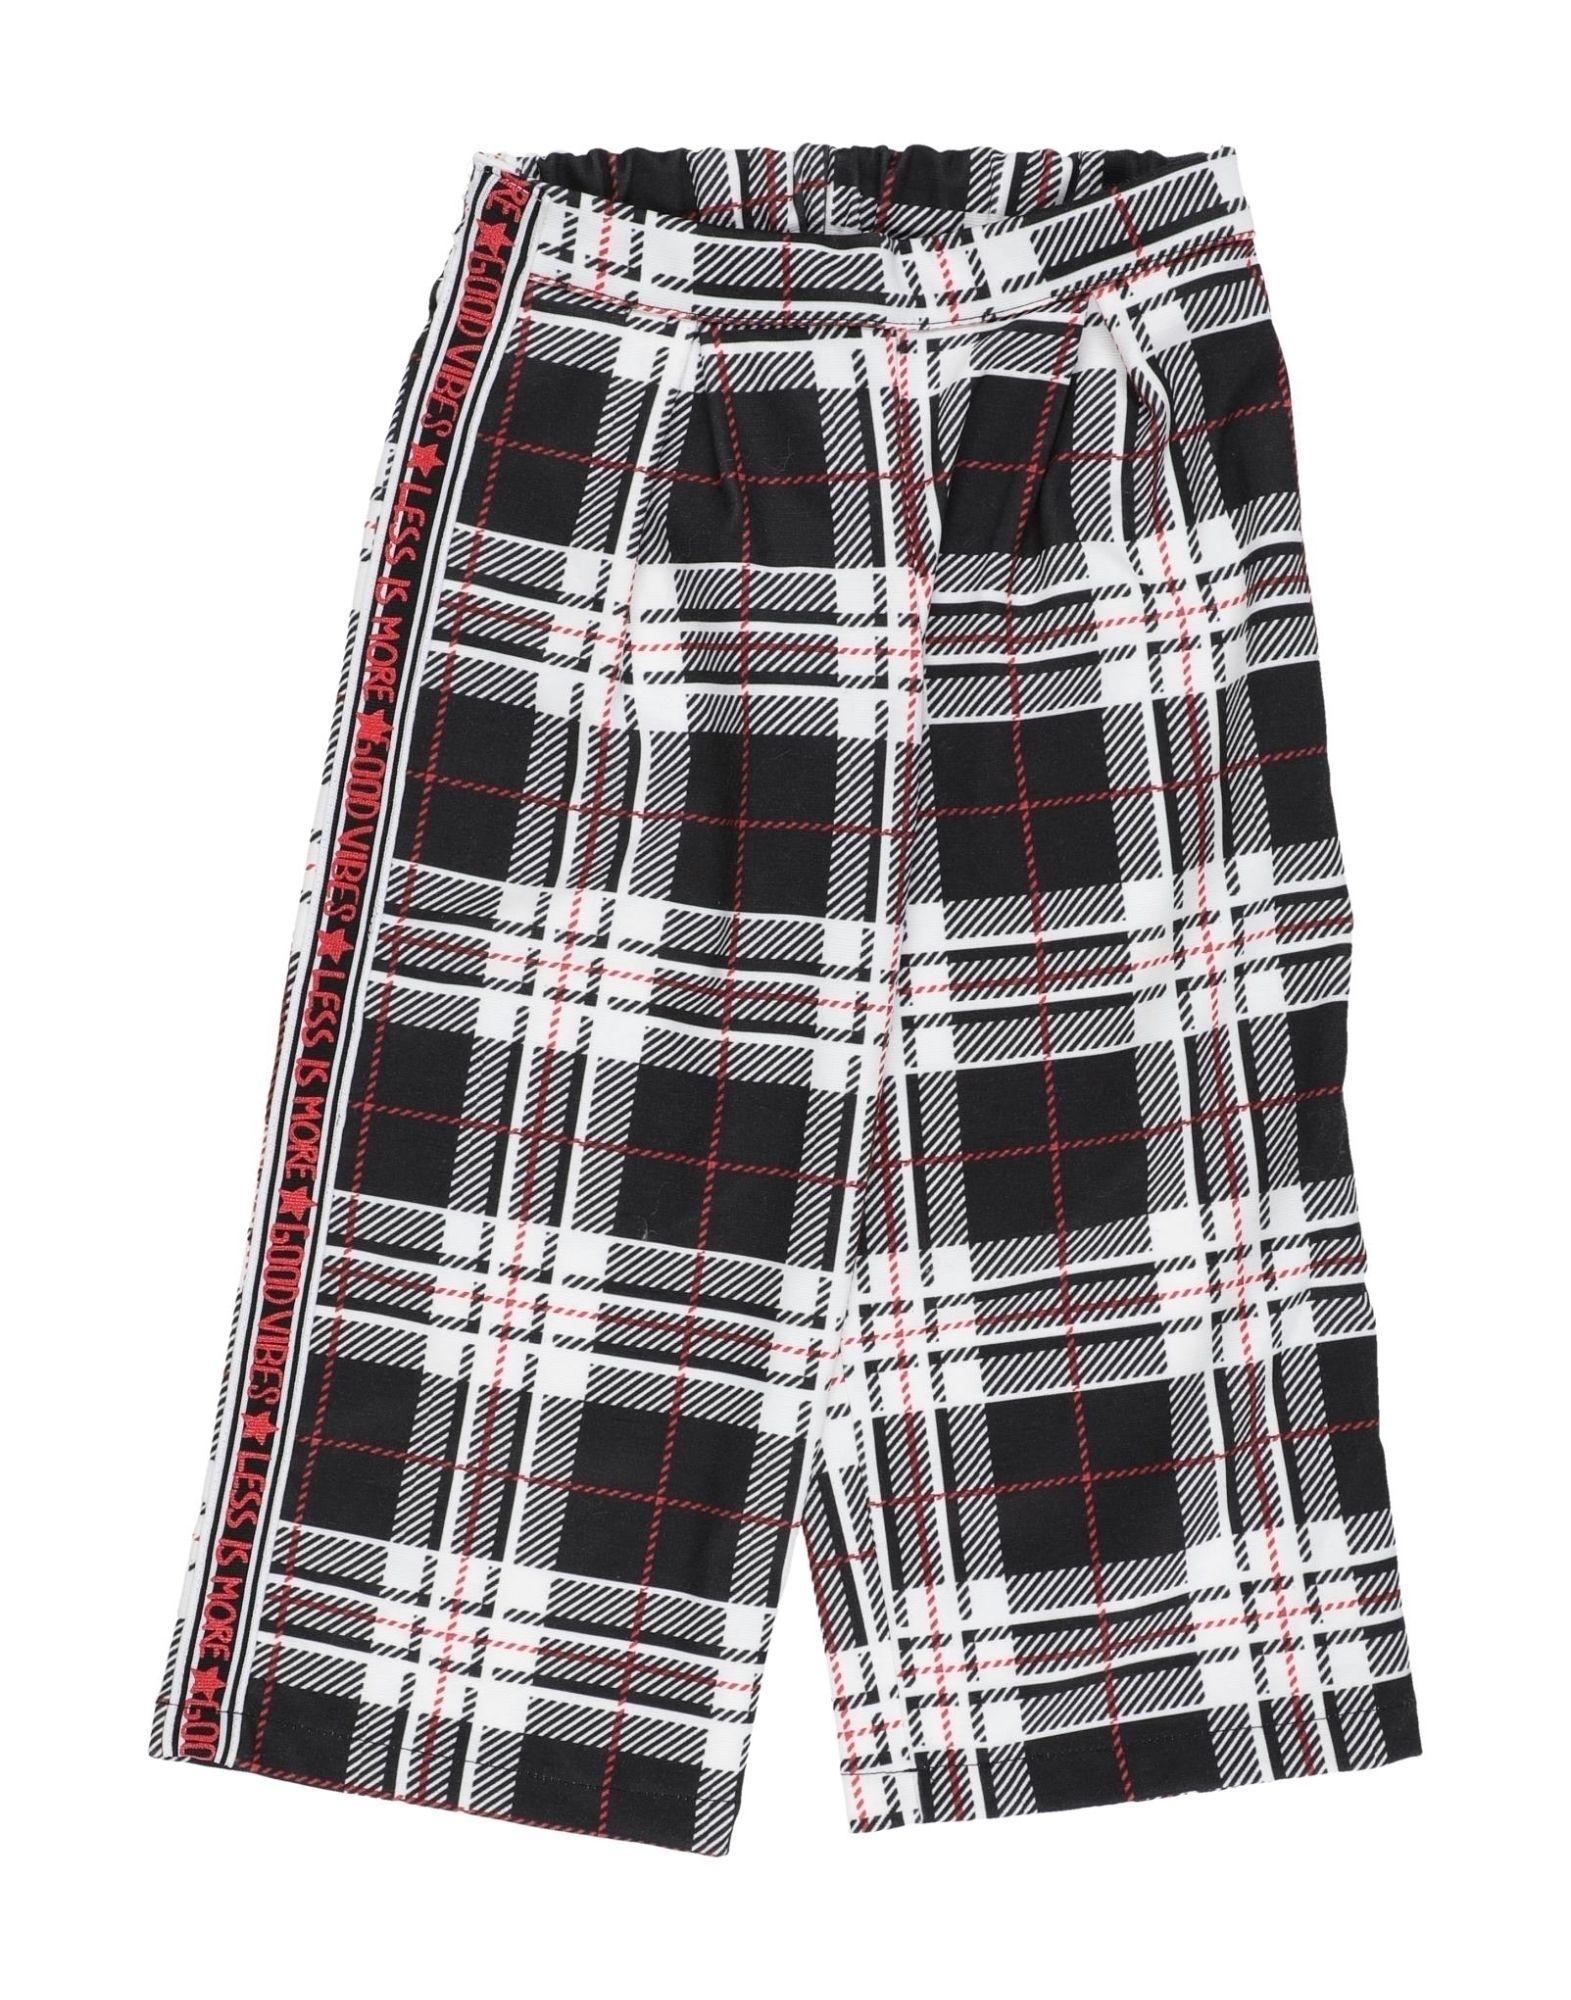 Meilisa Bai Kids' Casual Pants In Black